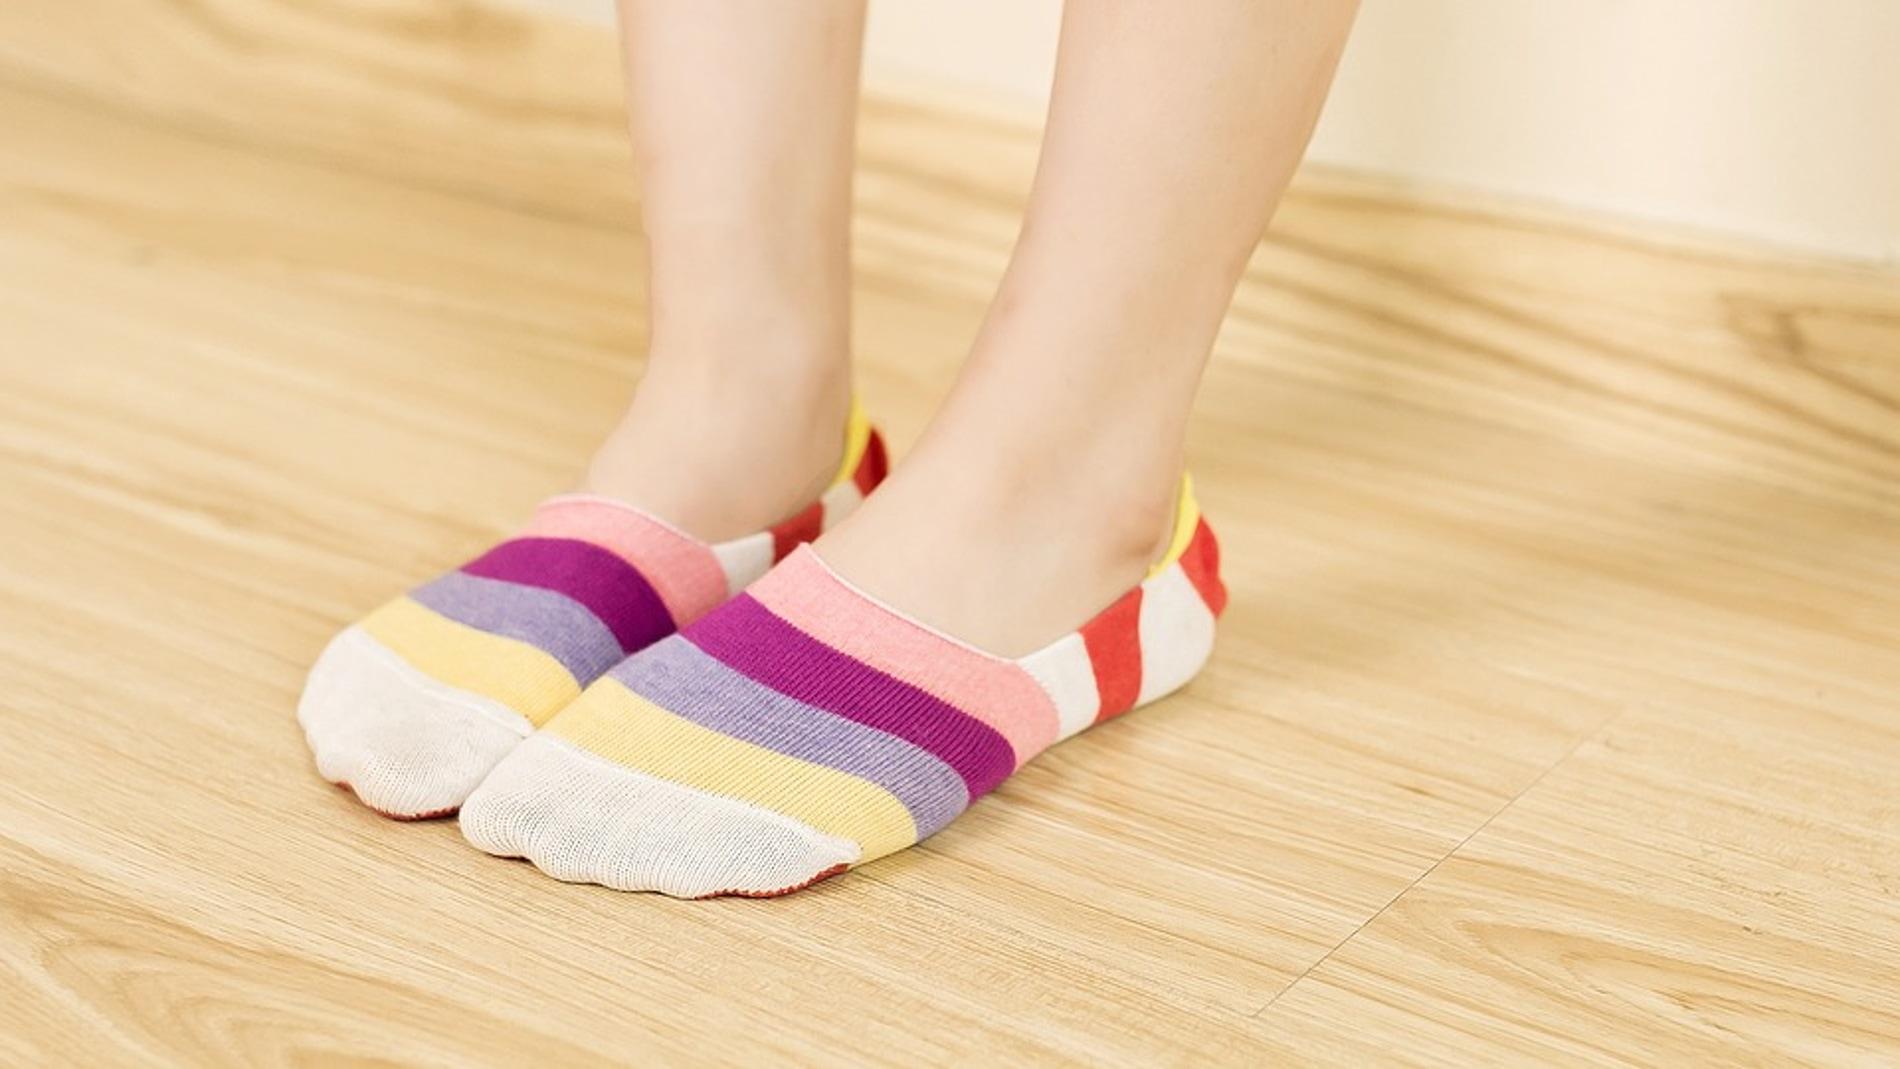 Dormir con calcetines húmedos es beneficioso para la salud